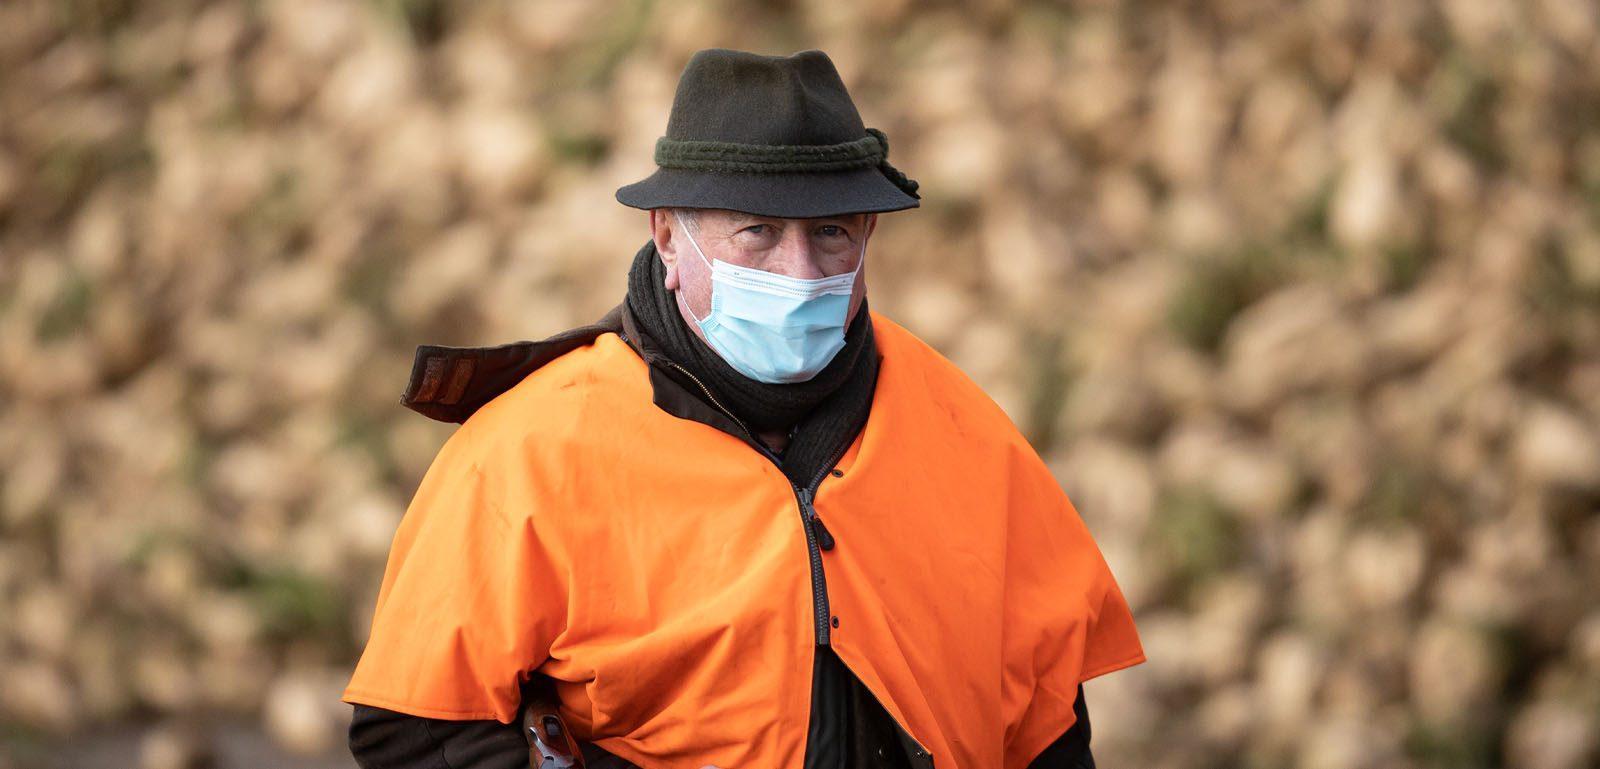 Chasseur portant un masque